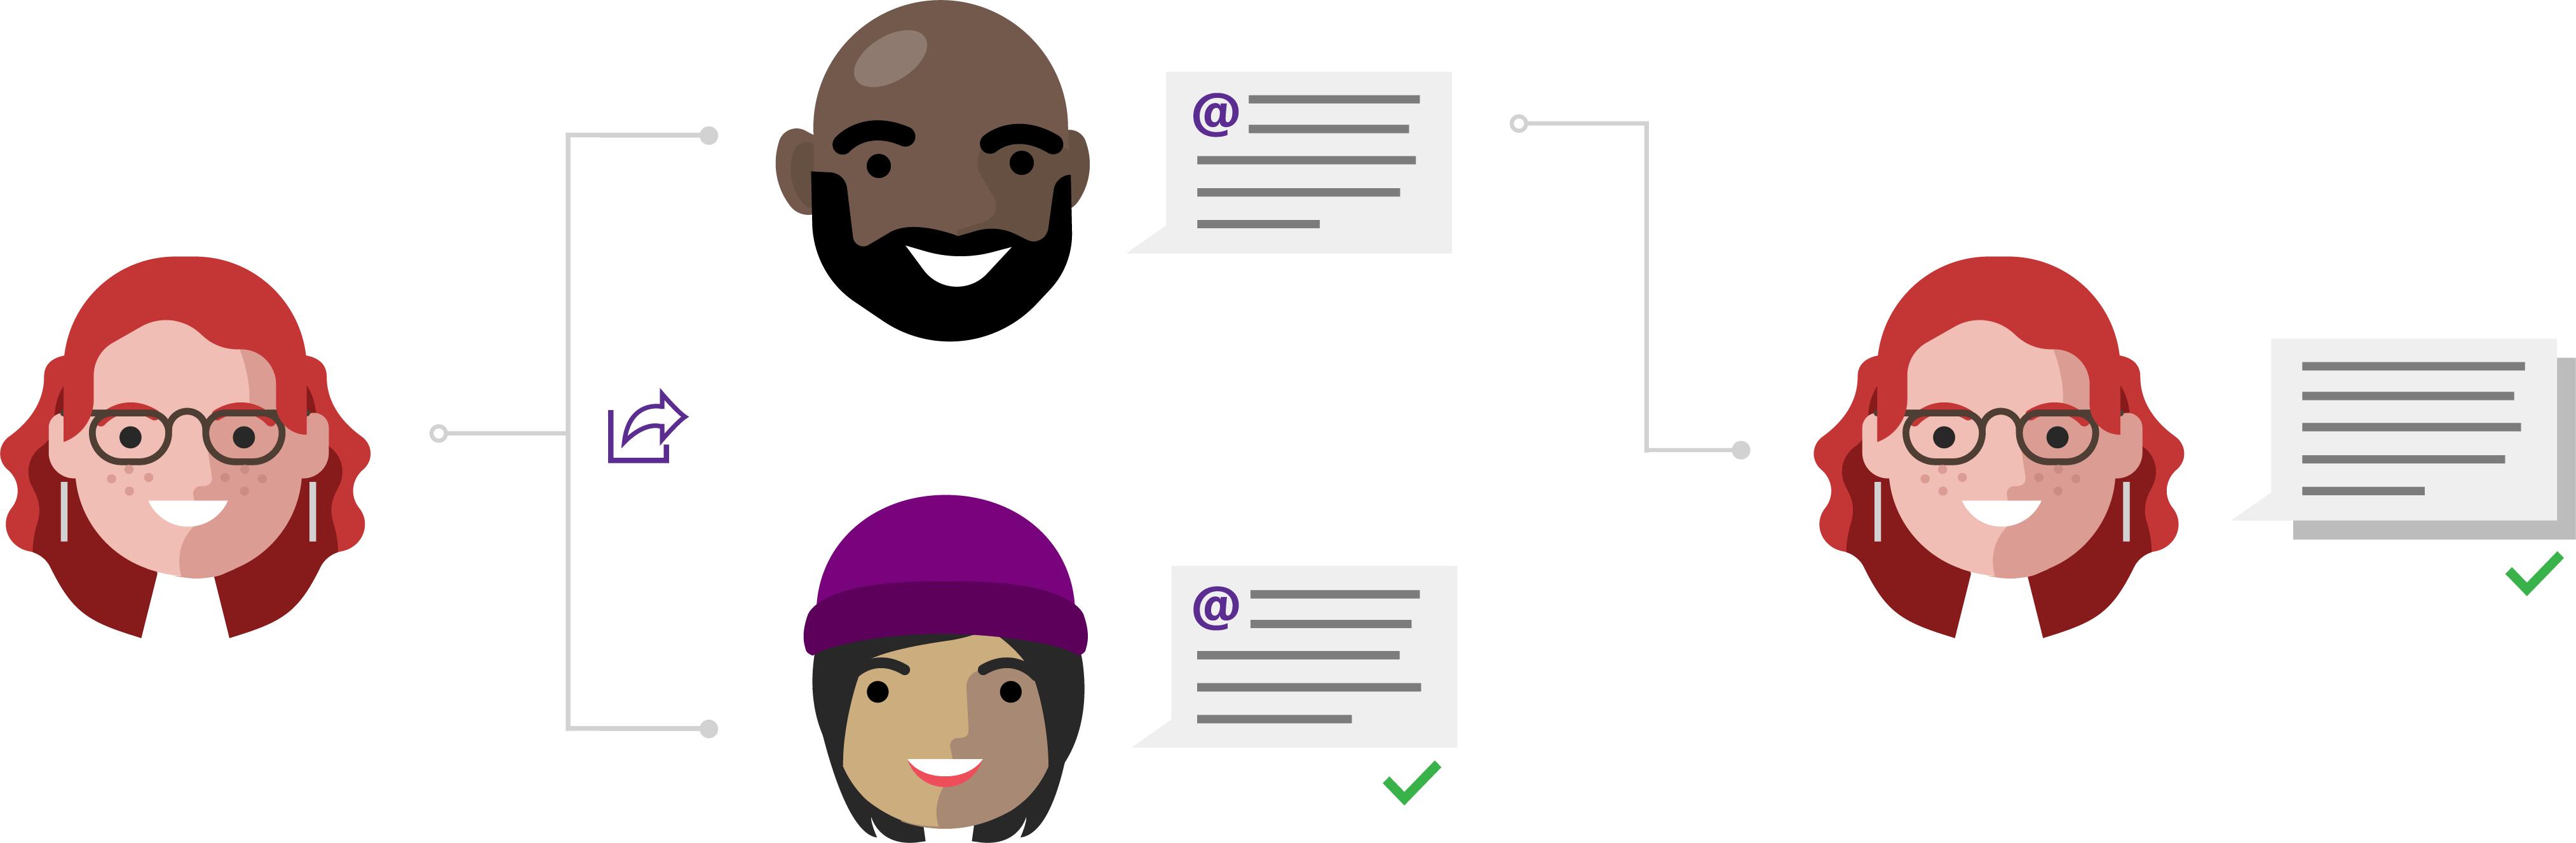 瞭解如何使用批註進行合作!